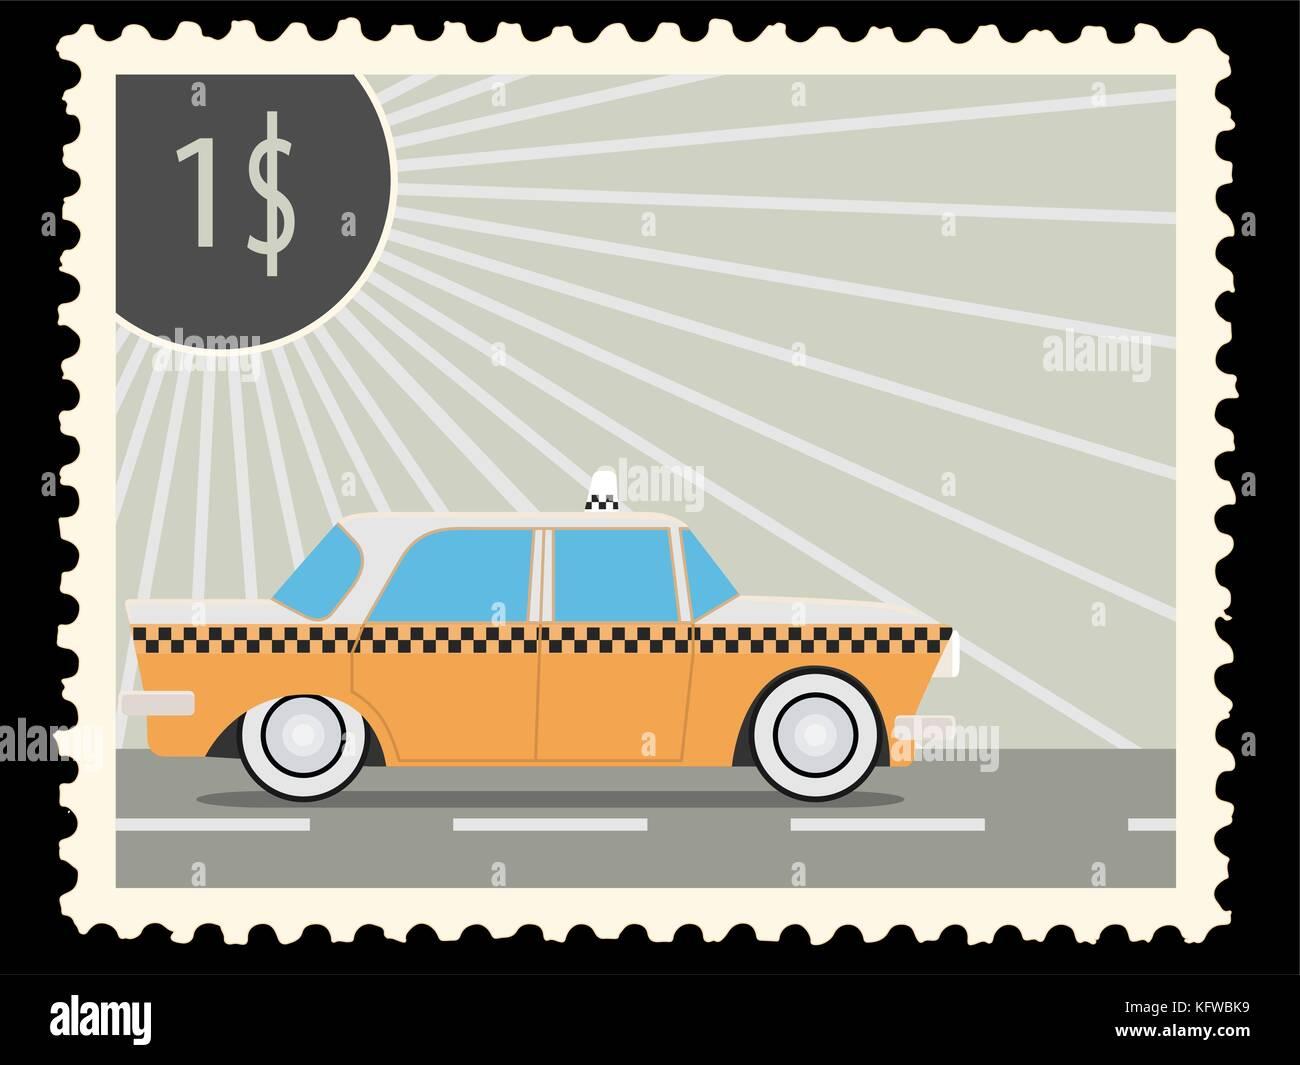 Sello con retro-taxi coches. ilustración vectorial Imagen De Stock